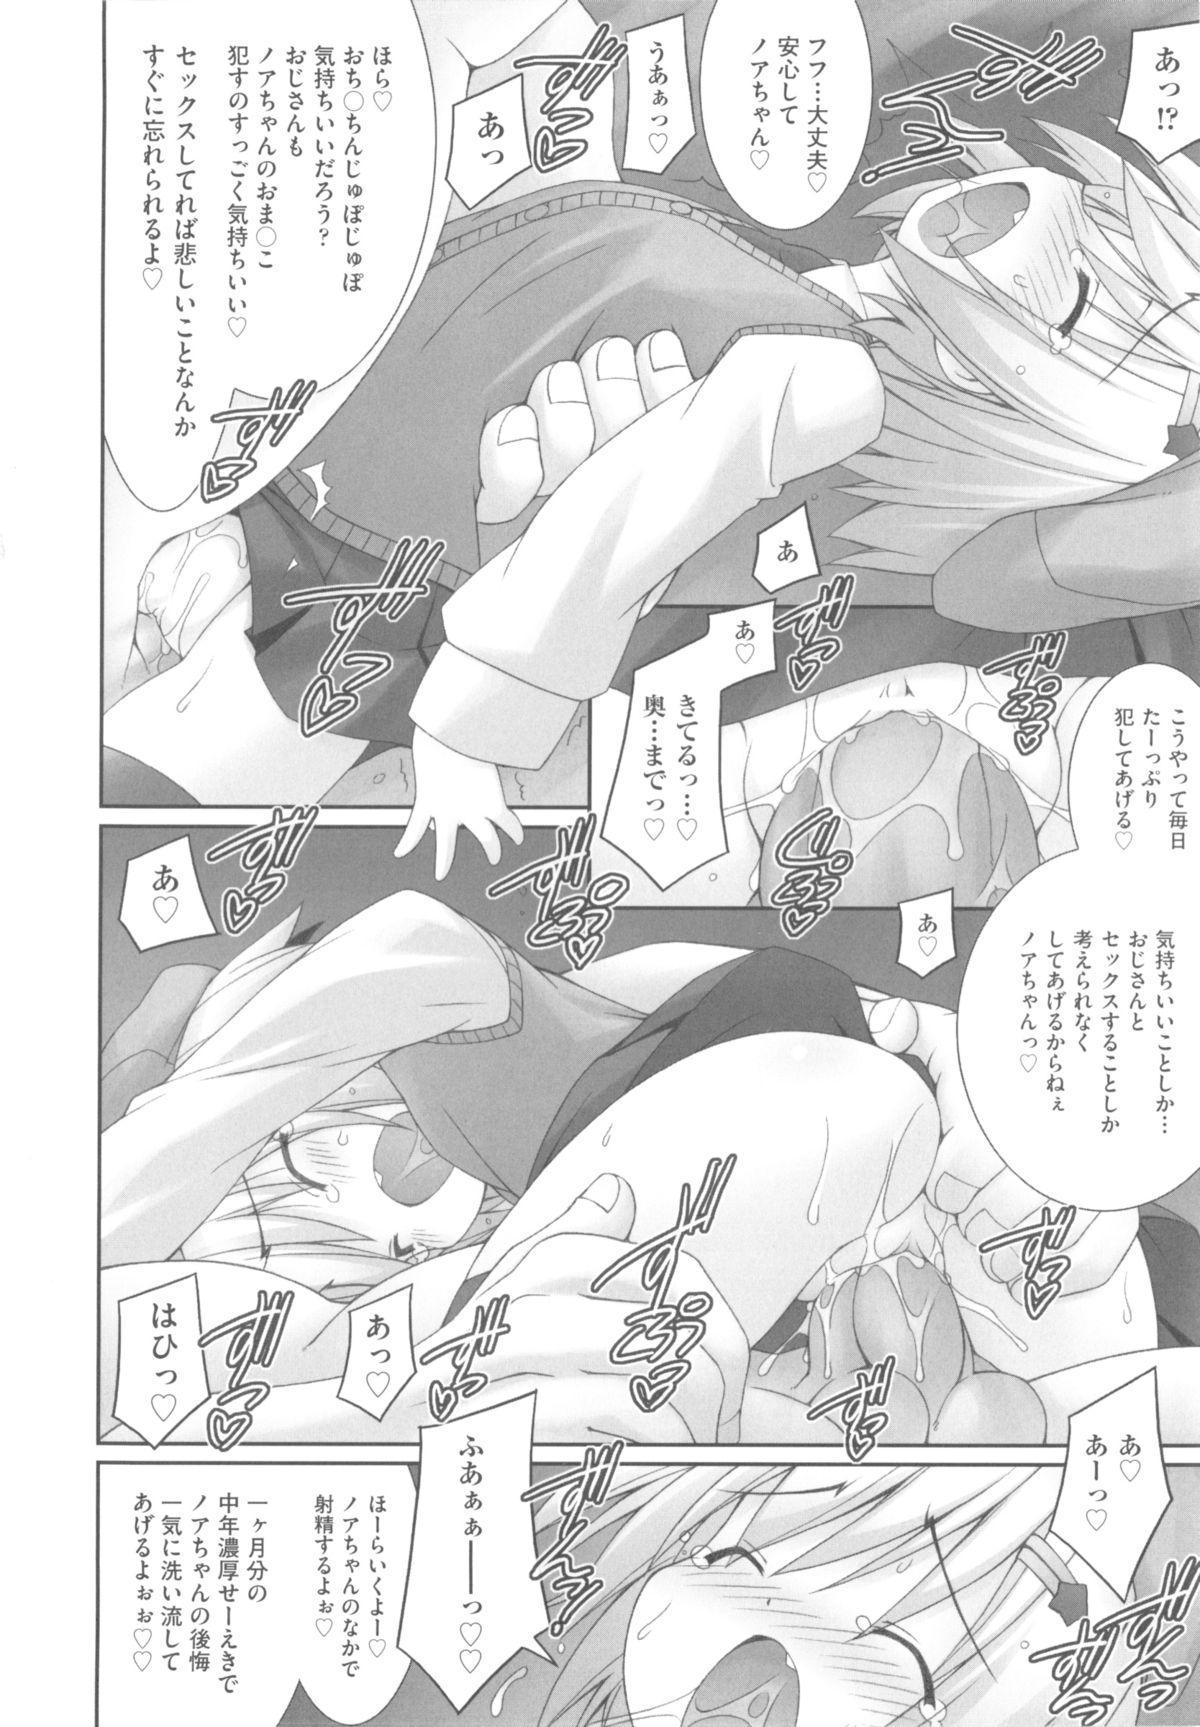 Comic Ino. 04 171